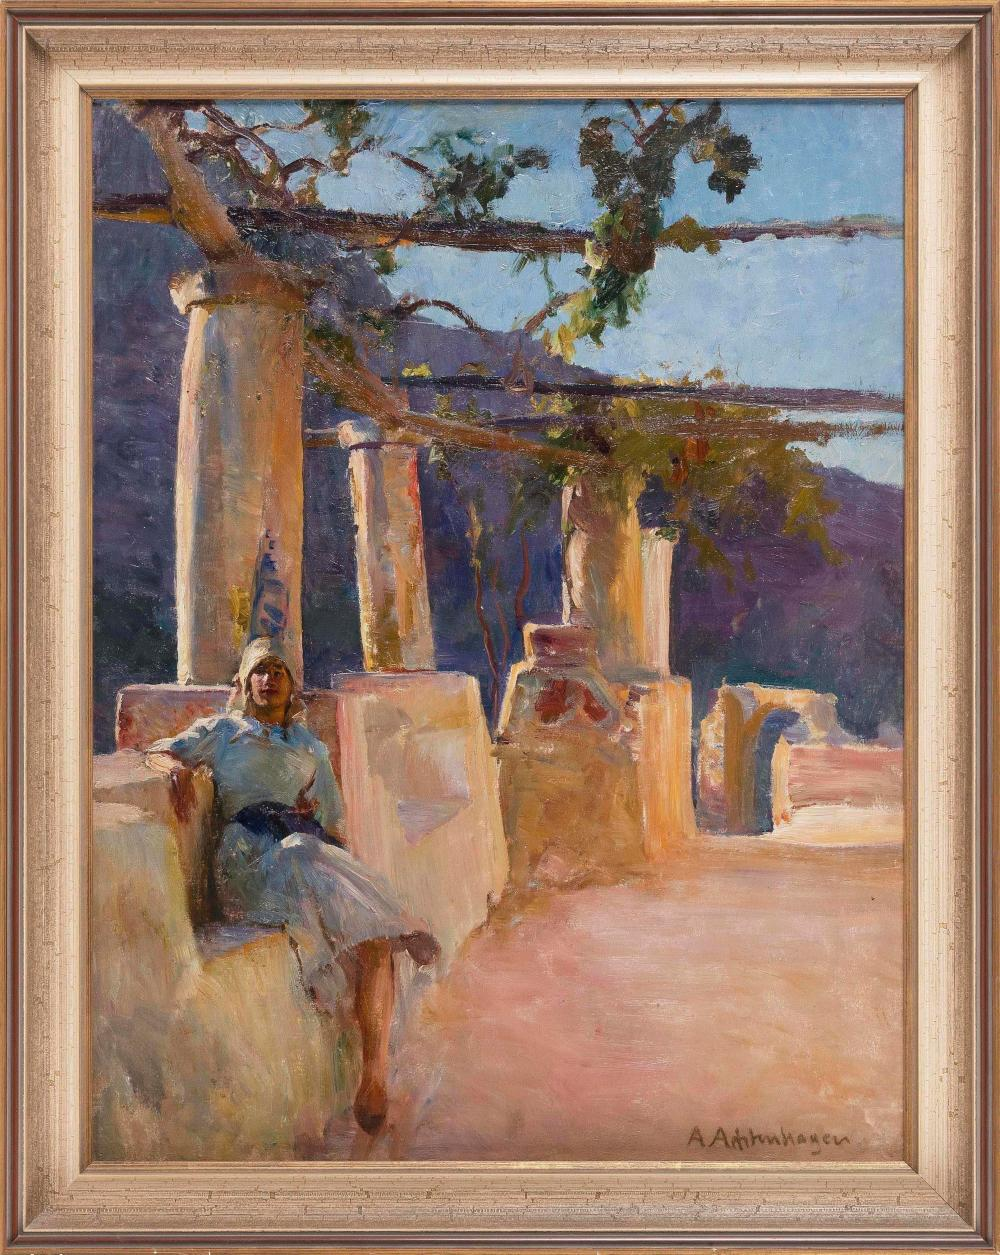 """AUGUST ACHTENHAGEN (Germany, 1865-1938), Woman seated beneath an arbor., Oil on canvas, 24.5"""" x 18.5"""". Framed 27.5"""" x 22""""."""